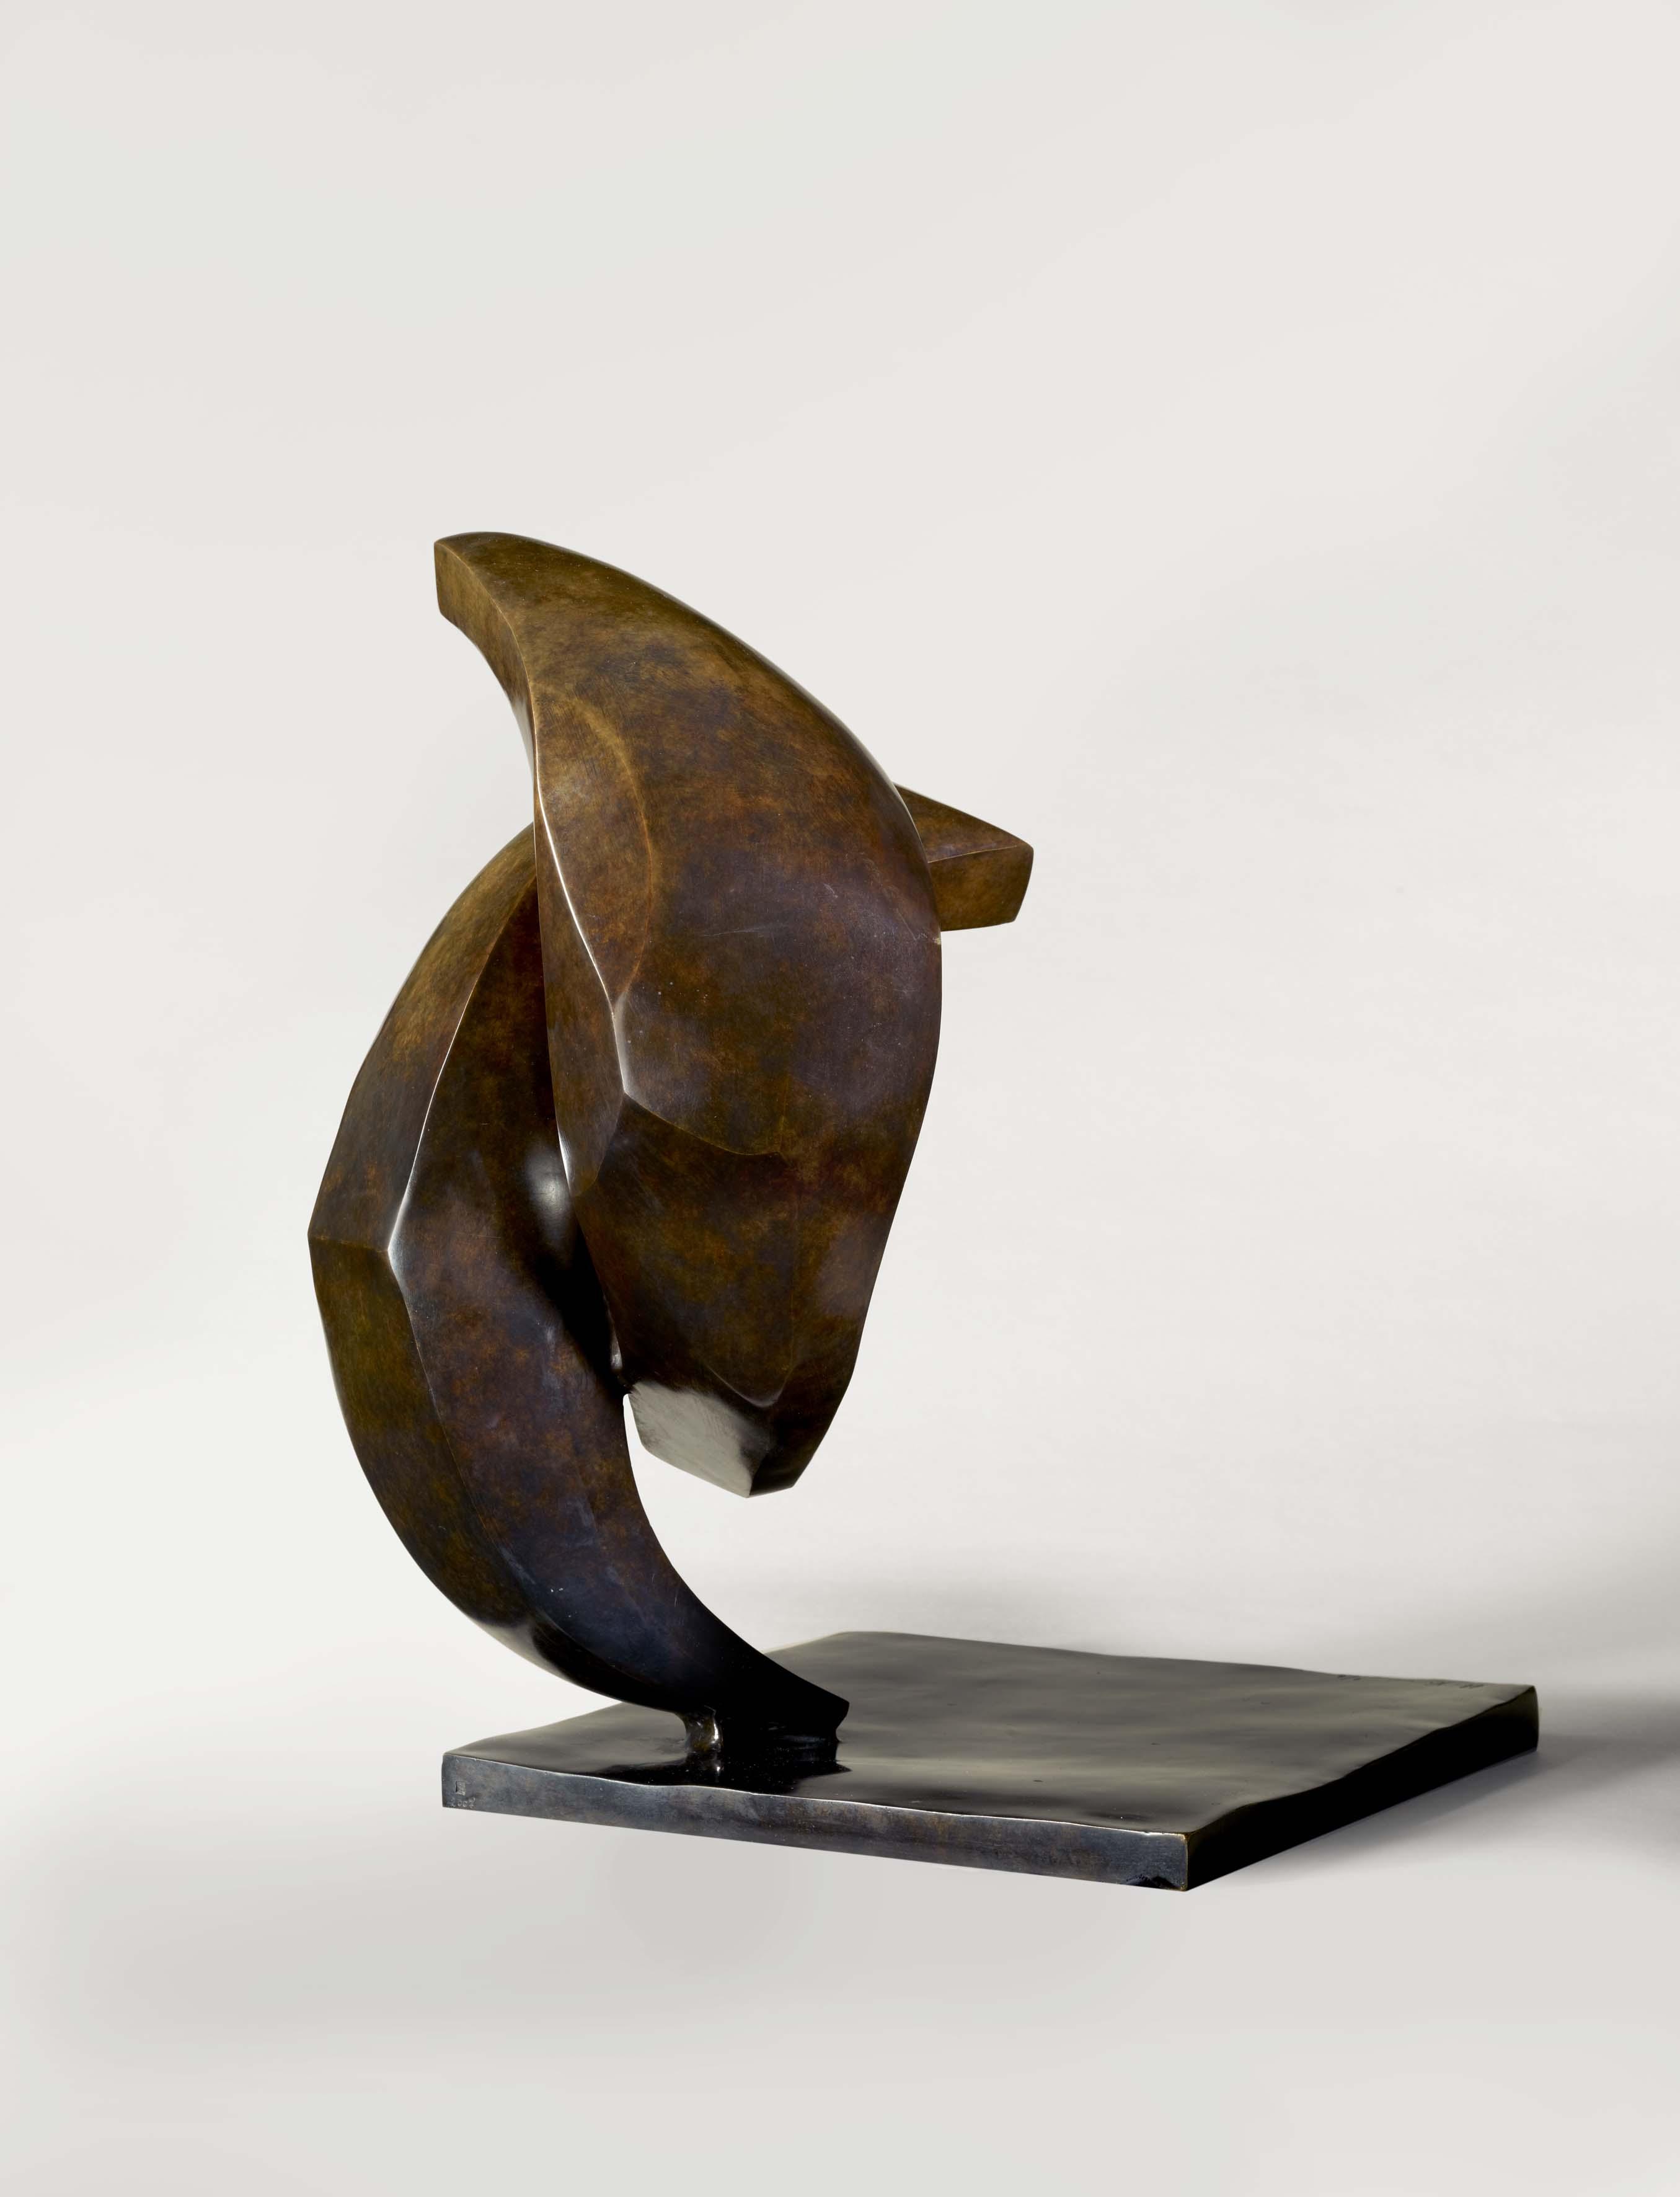 Désir, 2005, 55 x 45 x 39 cm